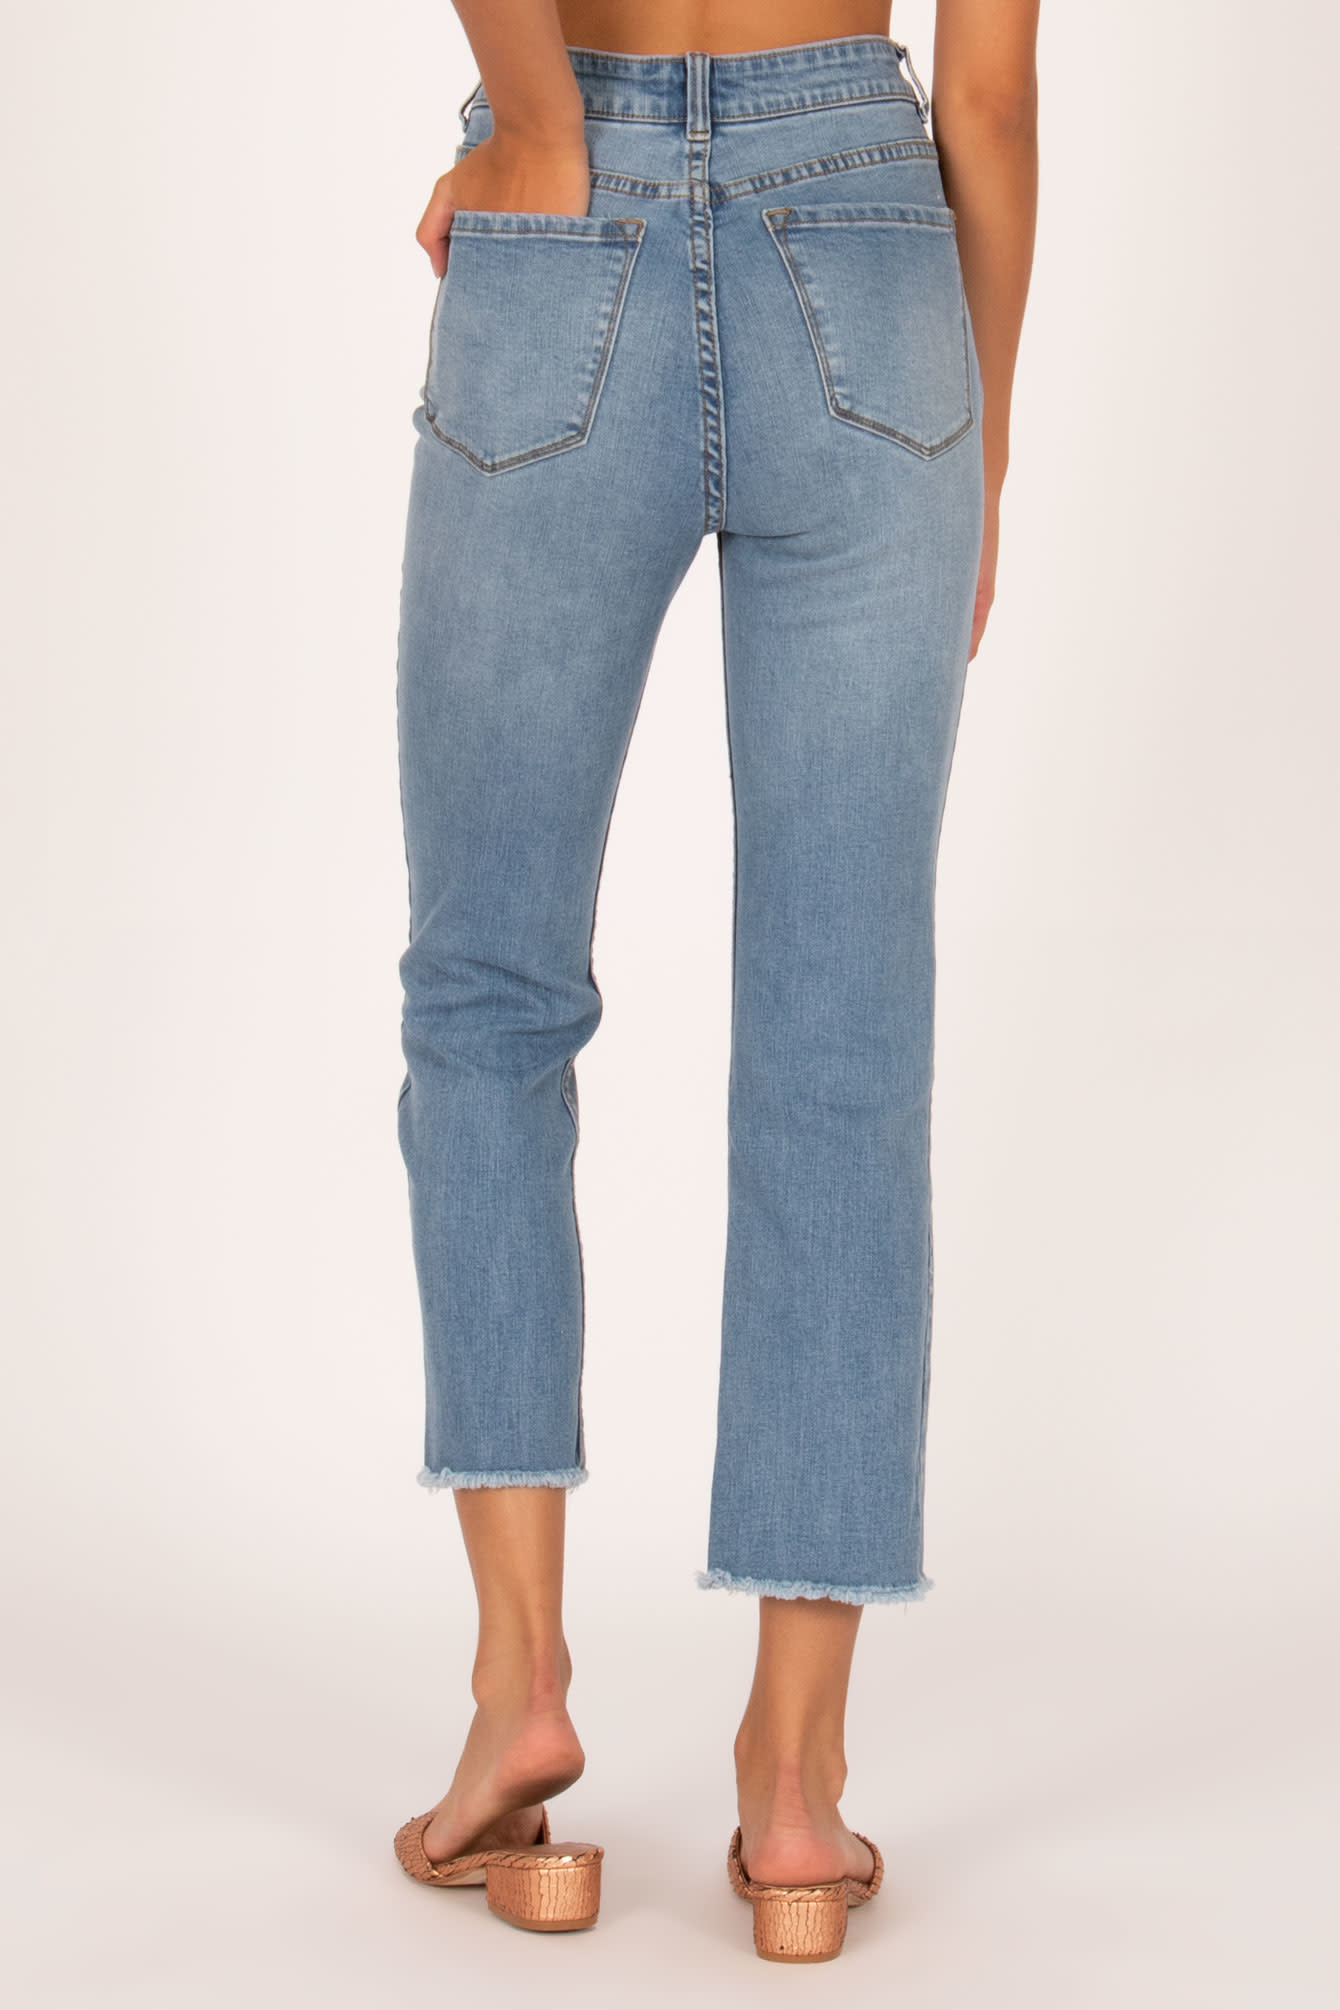 Amuse Society Black La Vida Jeans